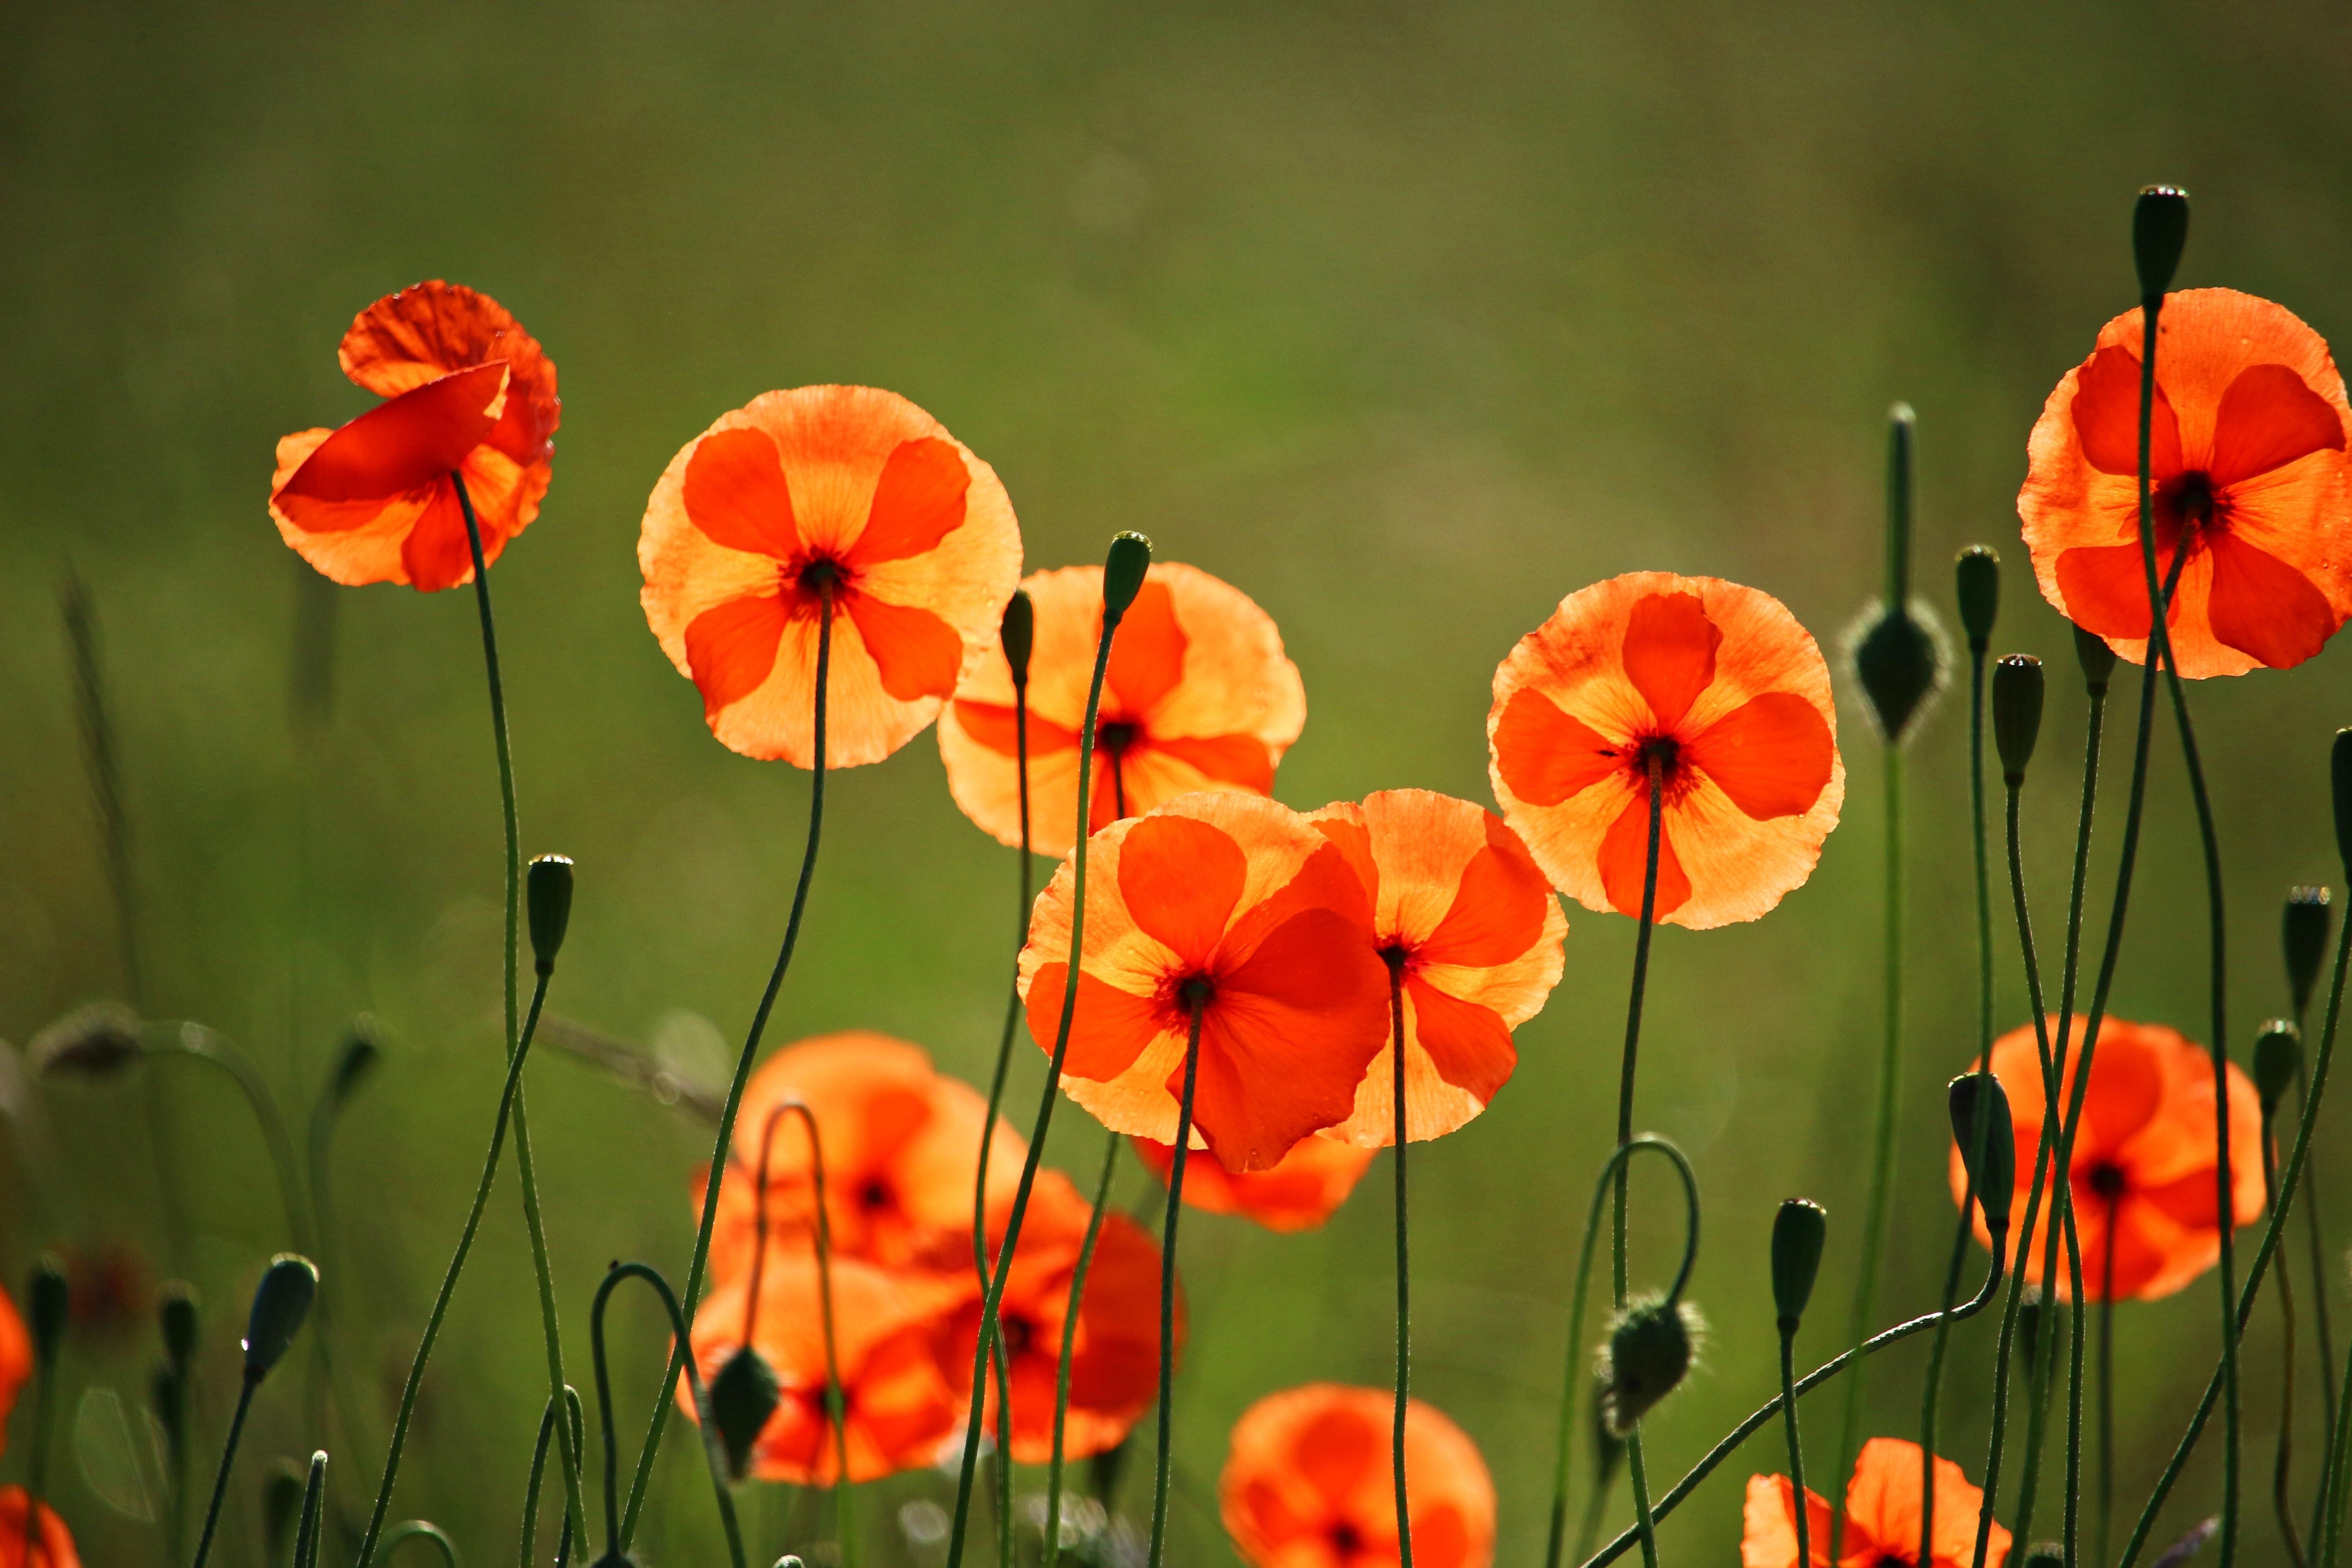 Poppy flower blossom bloom